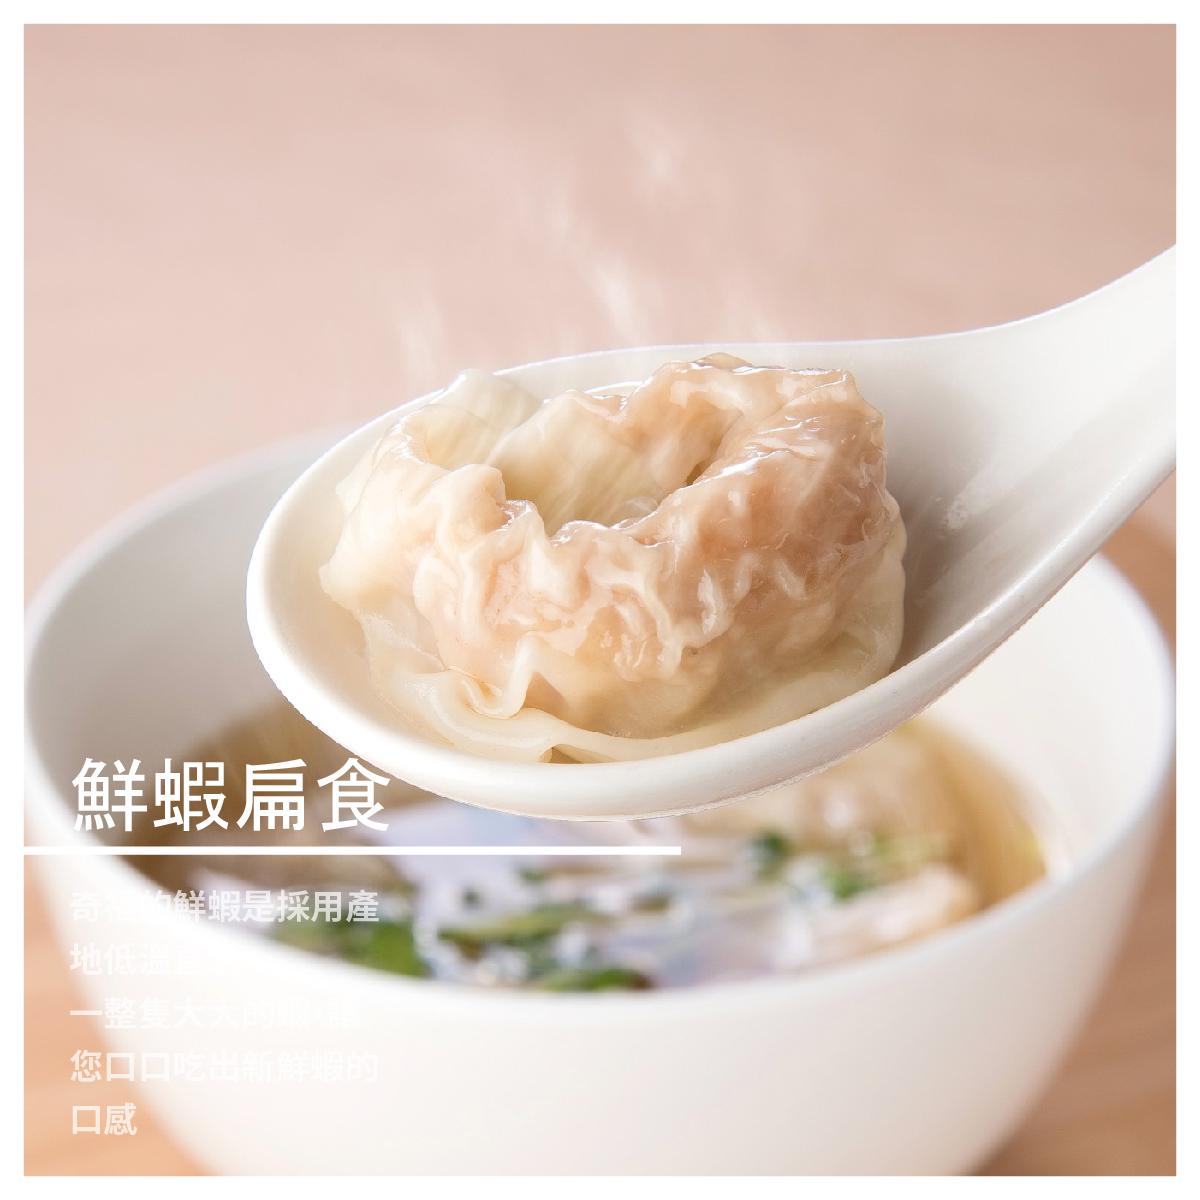 【奇福扁食】鮮蝦扁食/盒